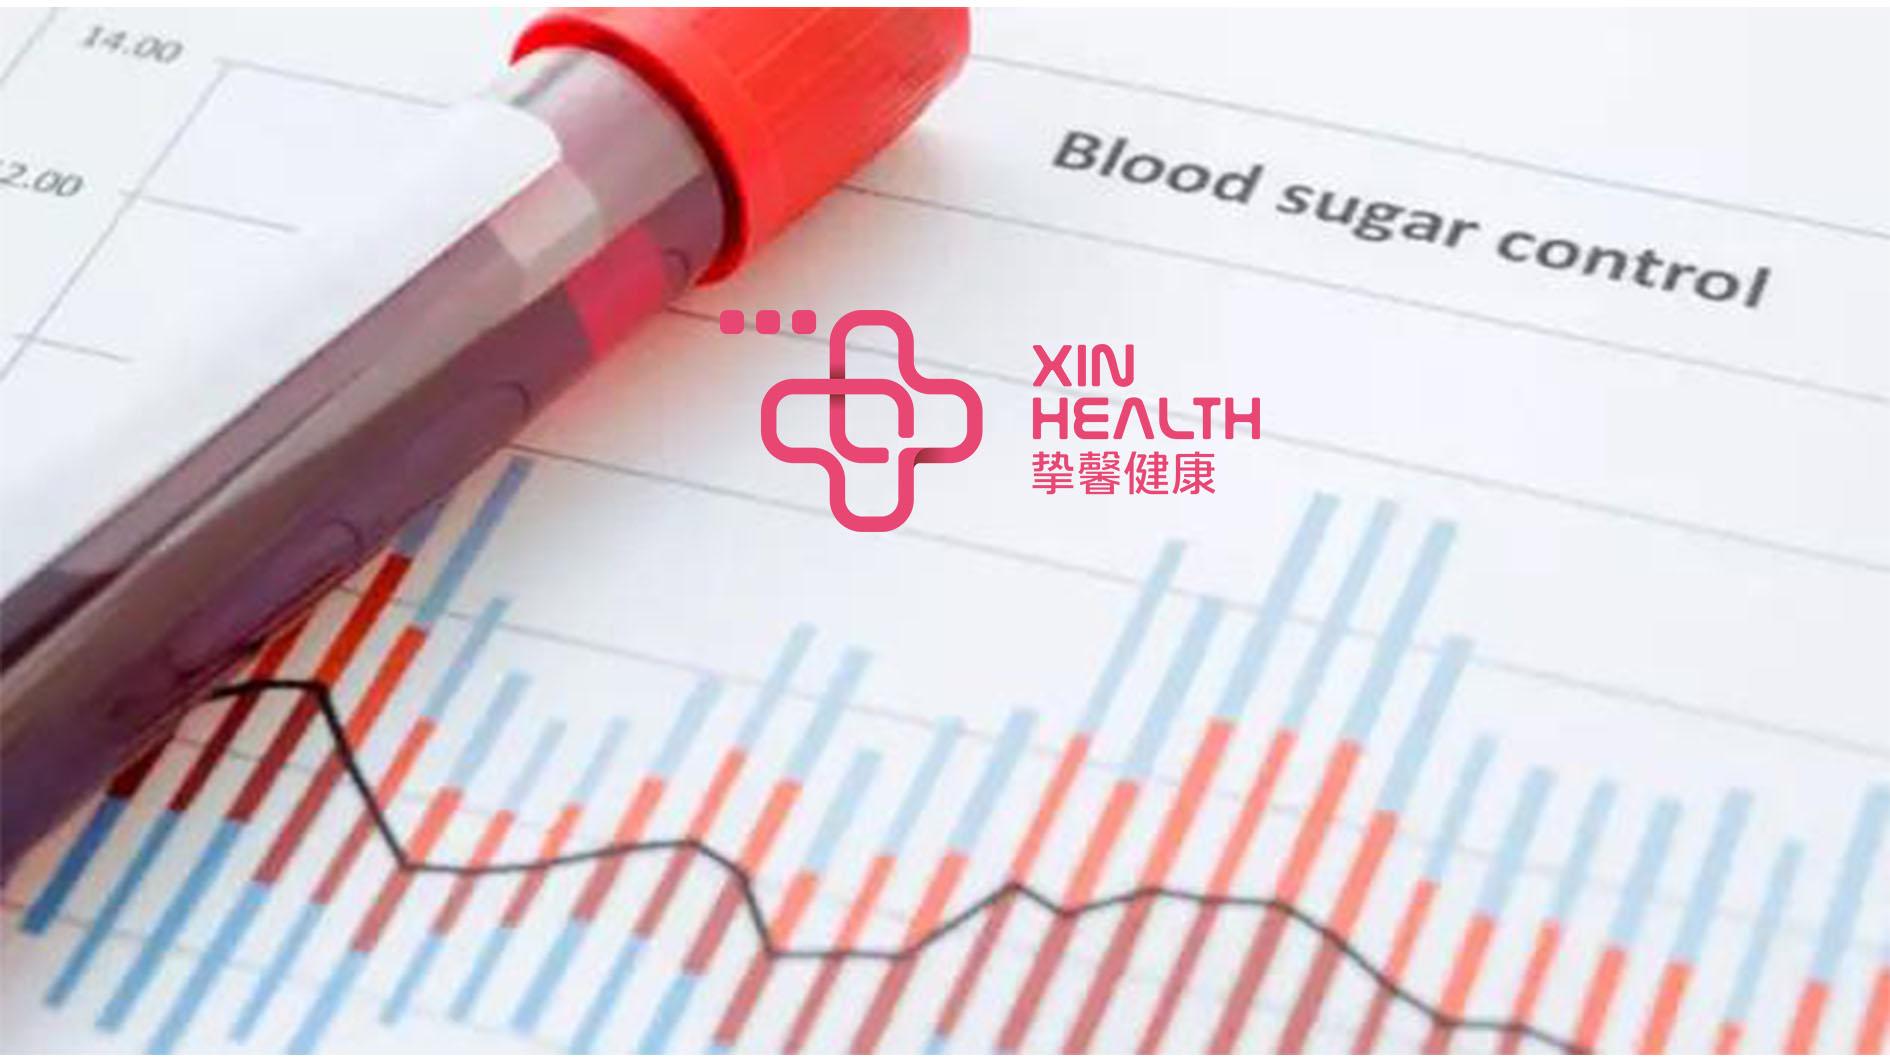 血糖检查表